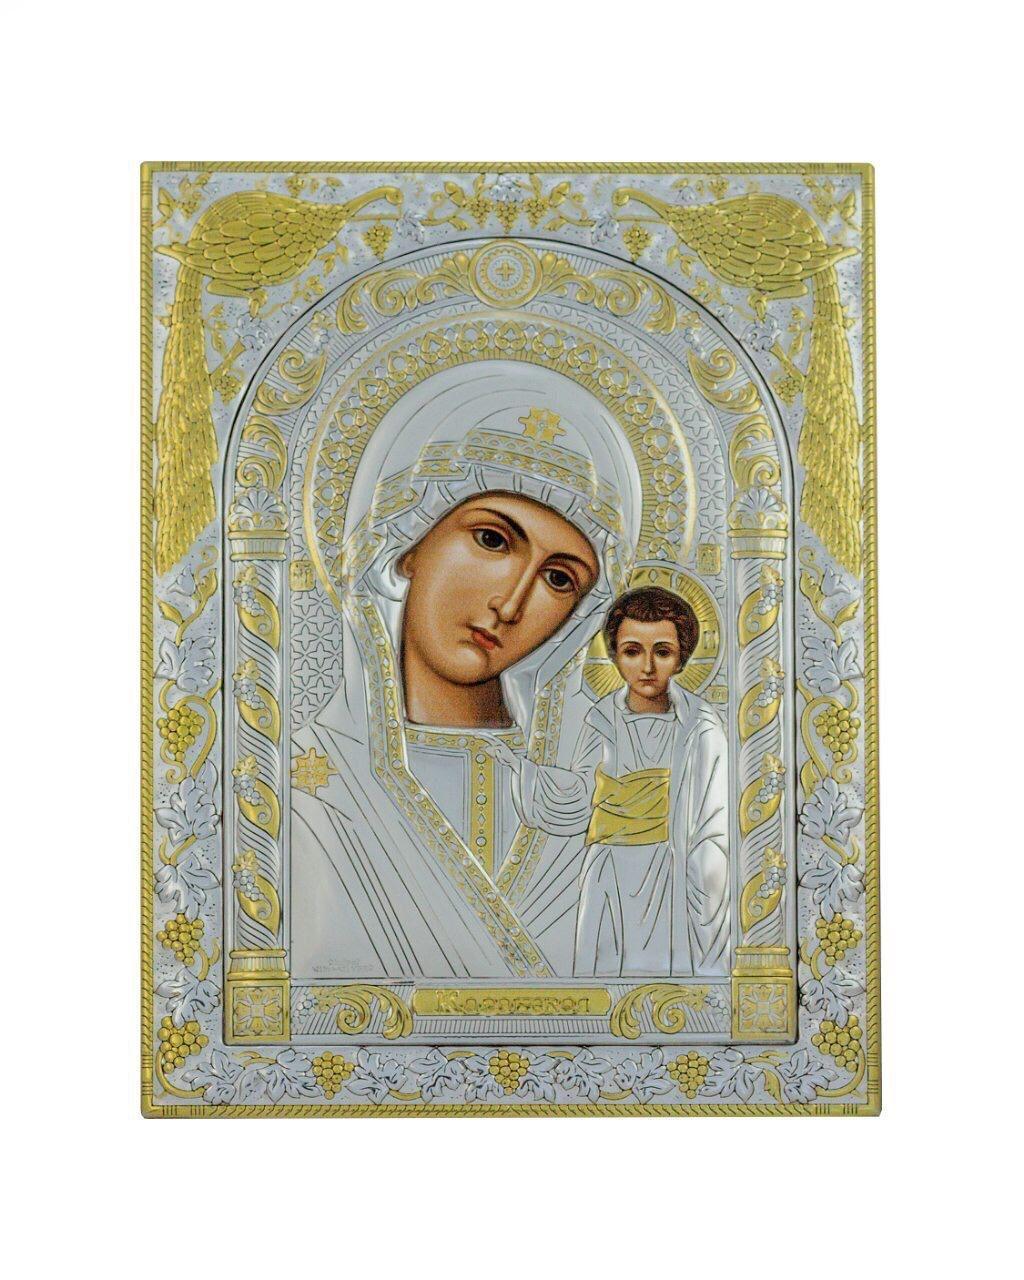 Икона серебряная Божией Матери Казанская 120 мм х 160 мм